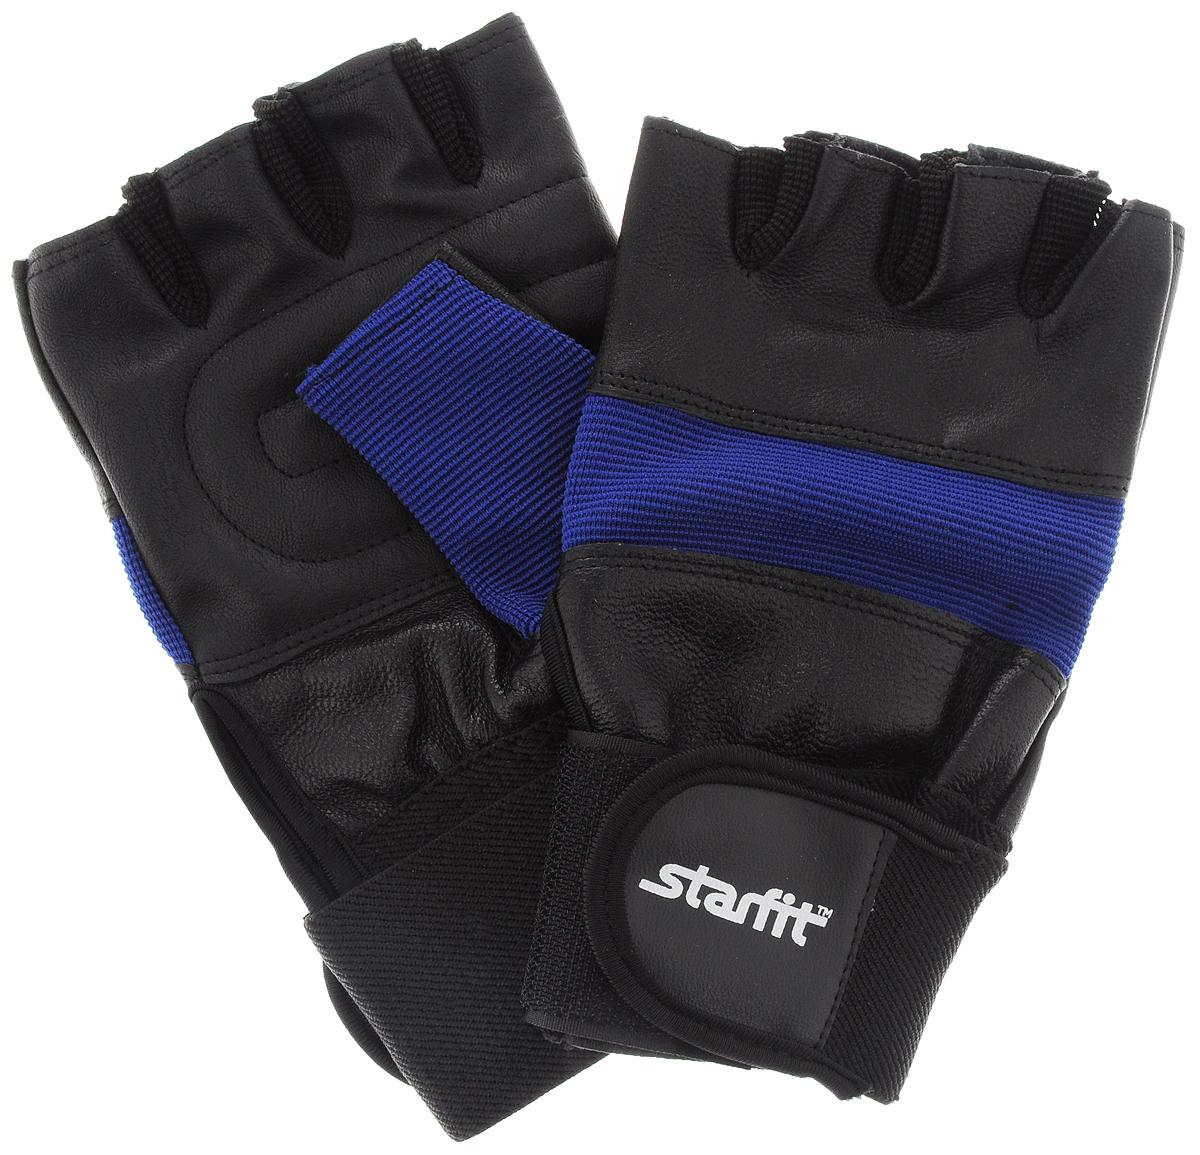 Перчатки атлетические Starfit SU-109, цвет: синий, черный. Размер L40162Атлетические перчатки Star Fit SU-109 -это модель с поддержкой запястья. Онинеобходимы для безопасной тренировки со снарядами (грифы, гантели), во время подтягиваний и отжиманий.Перчатки минимизируют риск мозолей и ссадин на ладонях. Перчатки выполнены из нейлона, искусственной кожи, полиэстера и эластана. В рабочей части имеется вставка из тонкого поролона, обеспечивающего комфорт при тренировках.Размер перчатки (без учета большого пальца): 19 х 10,8 см.